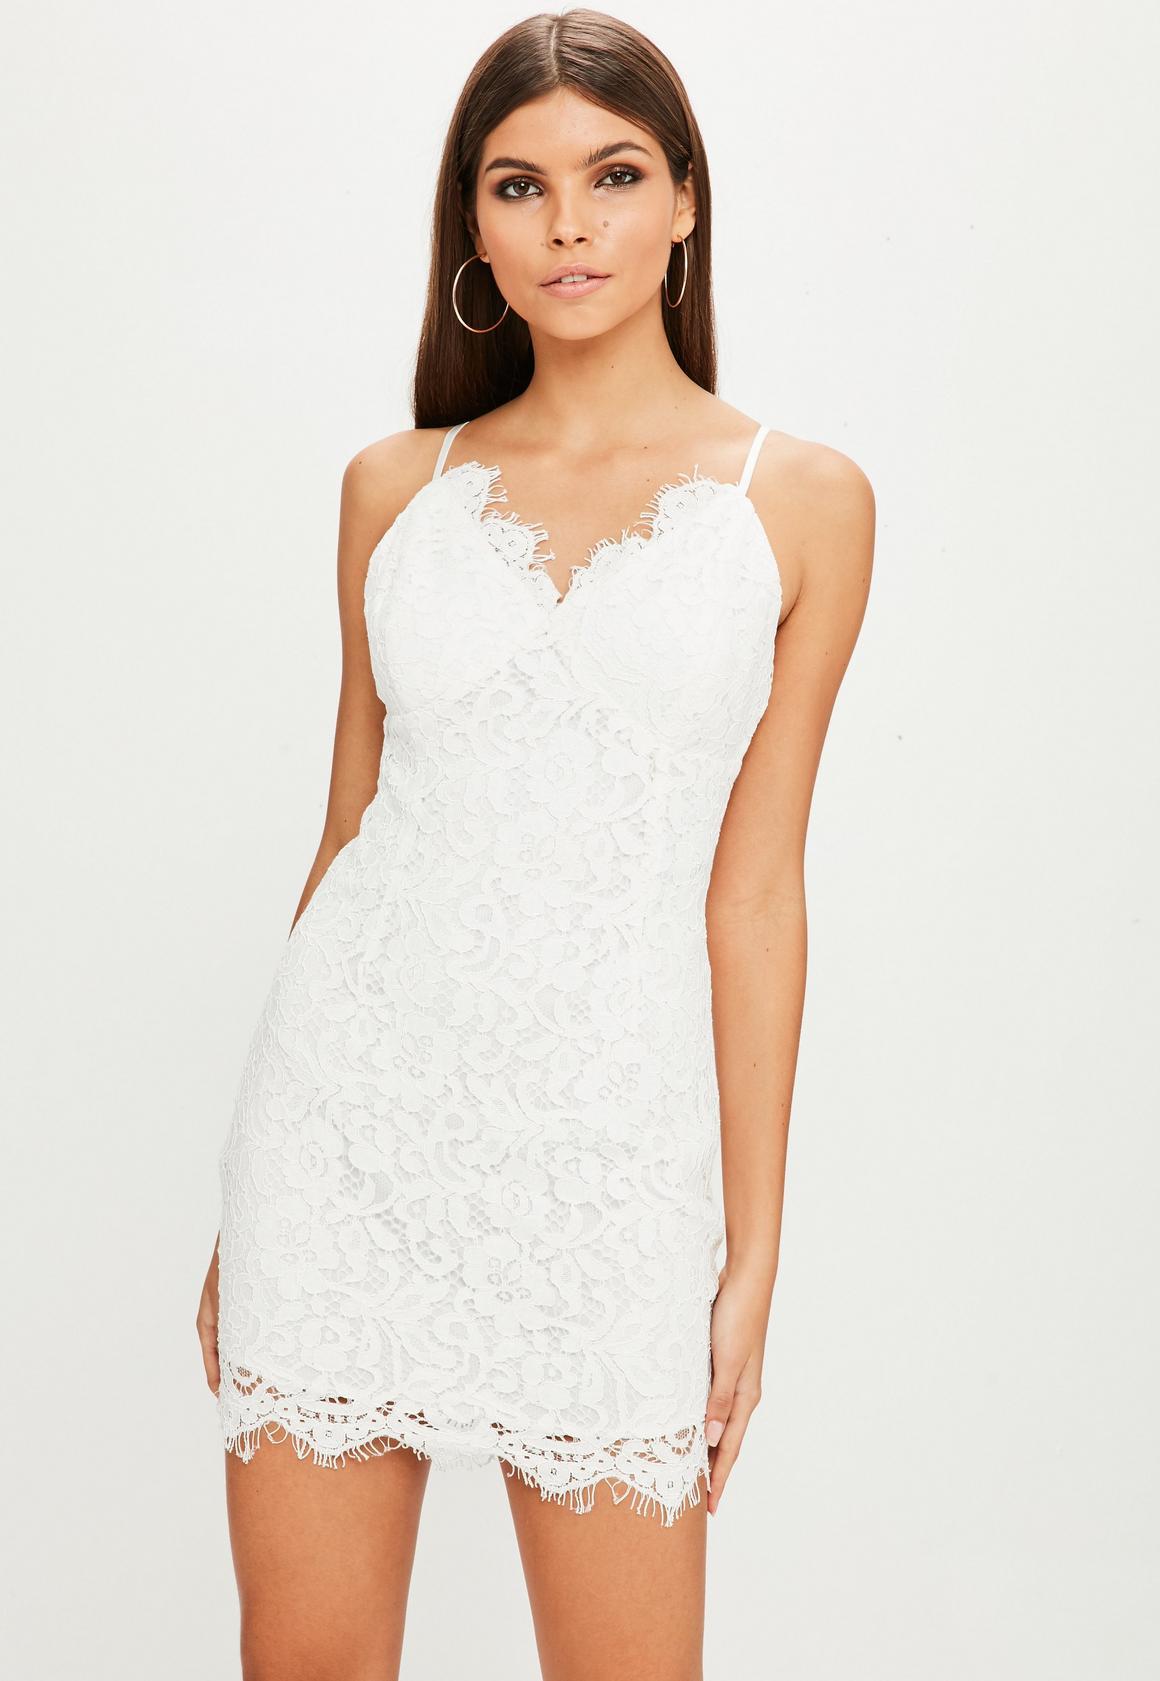 Berühmt Kleines Weißes Partykleid Zeitgenössisch - Hochzeit Kleid ...